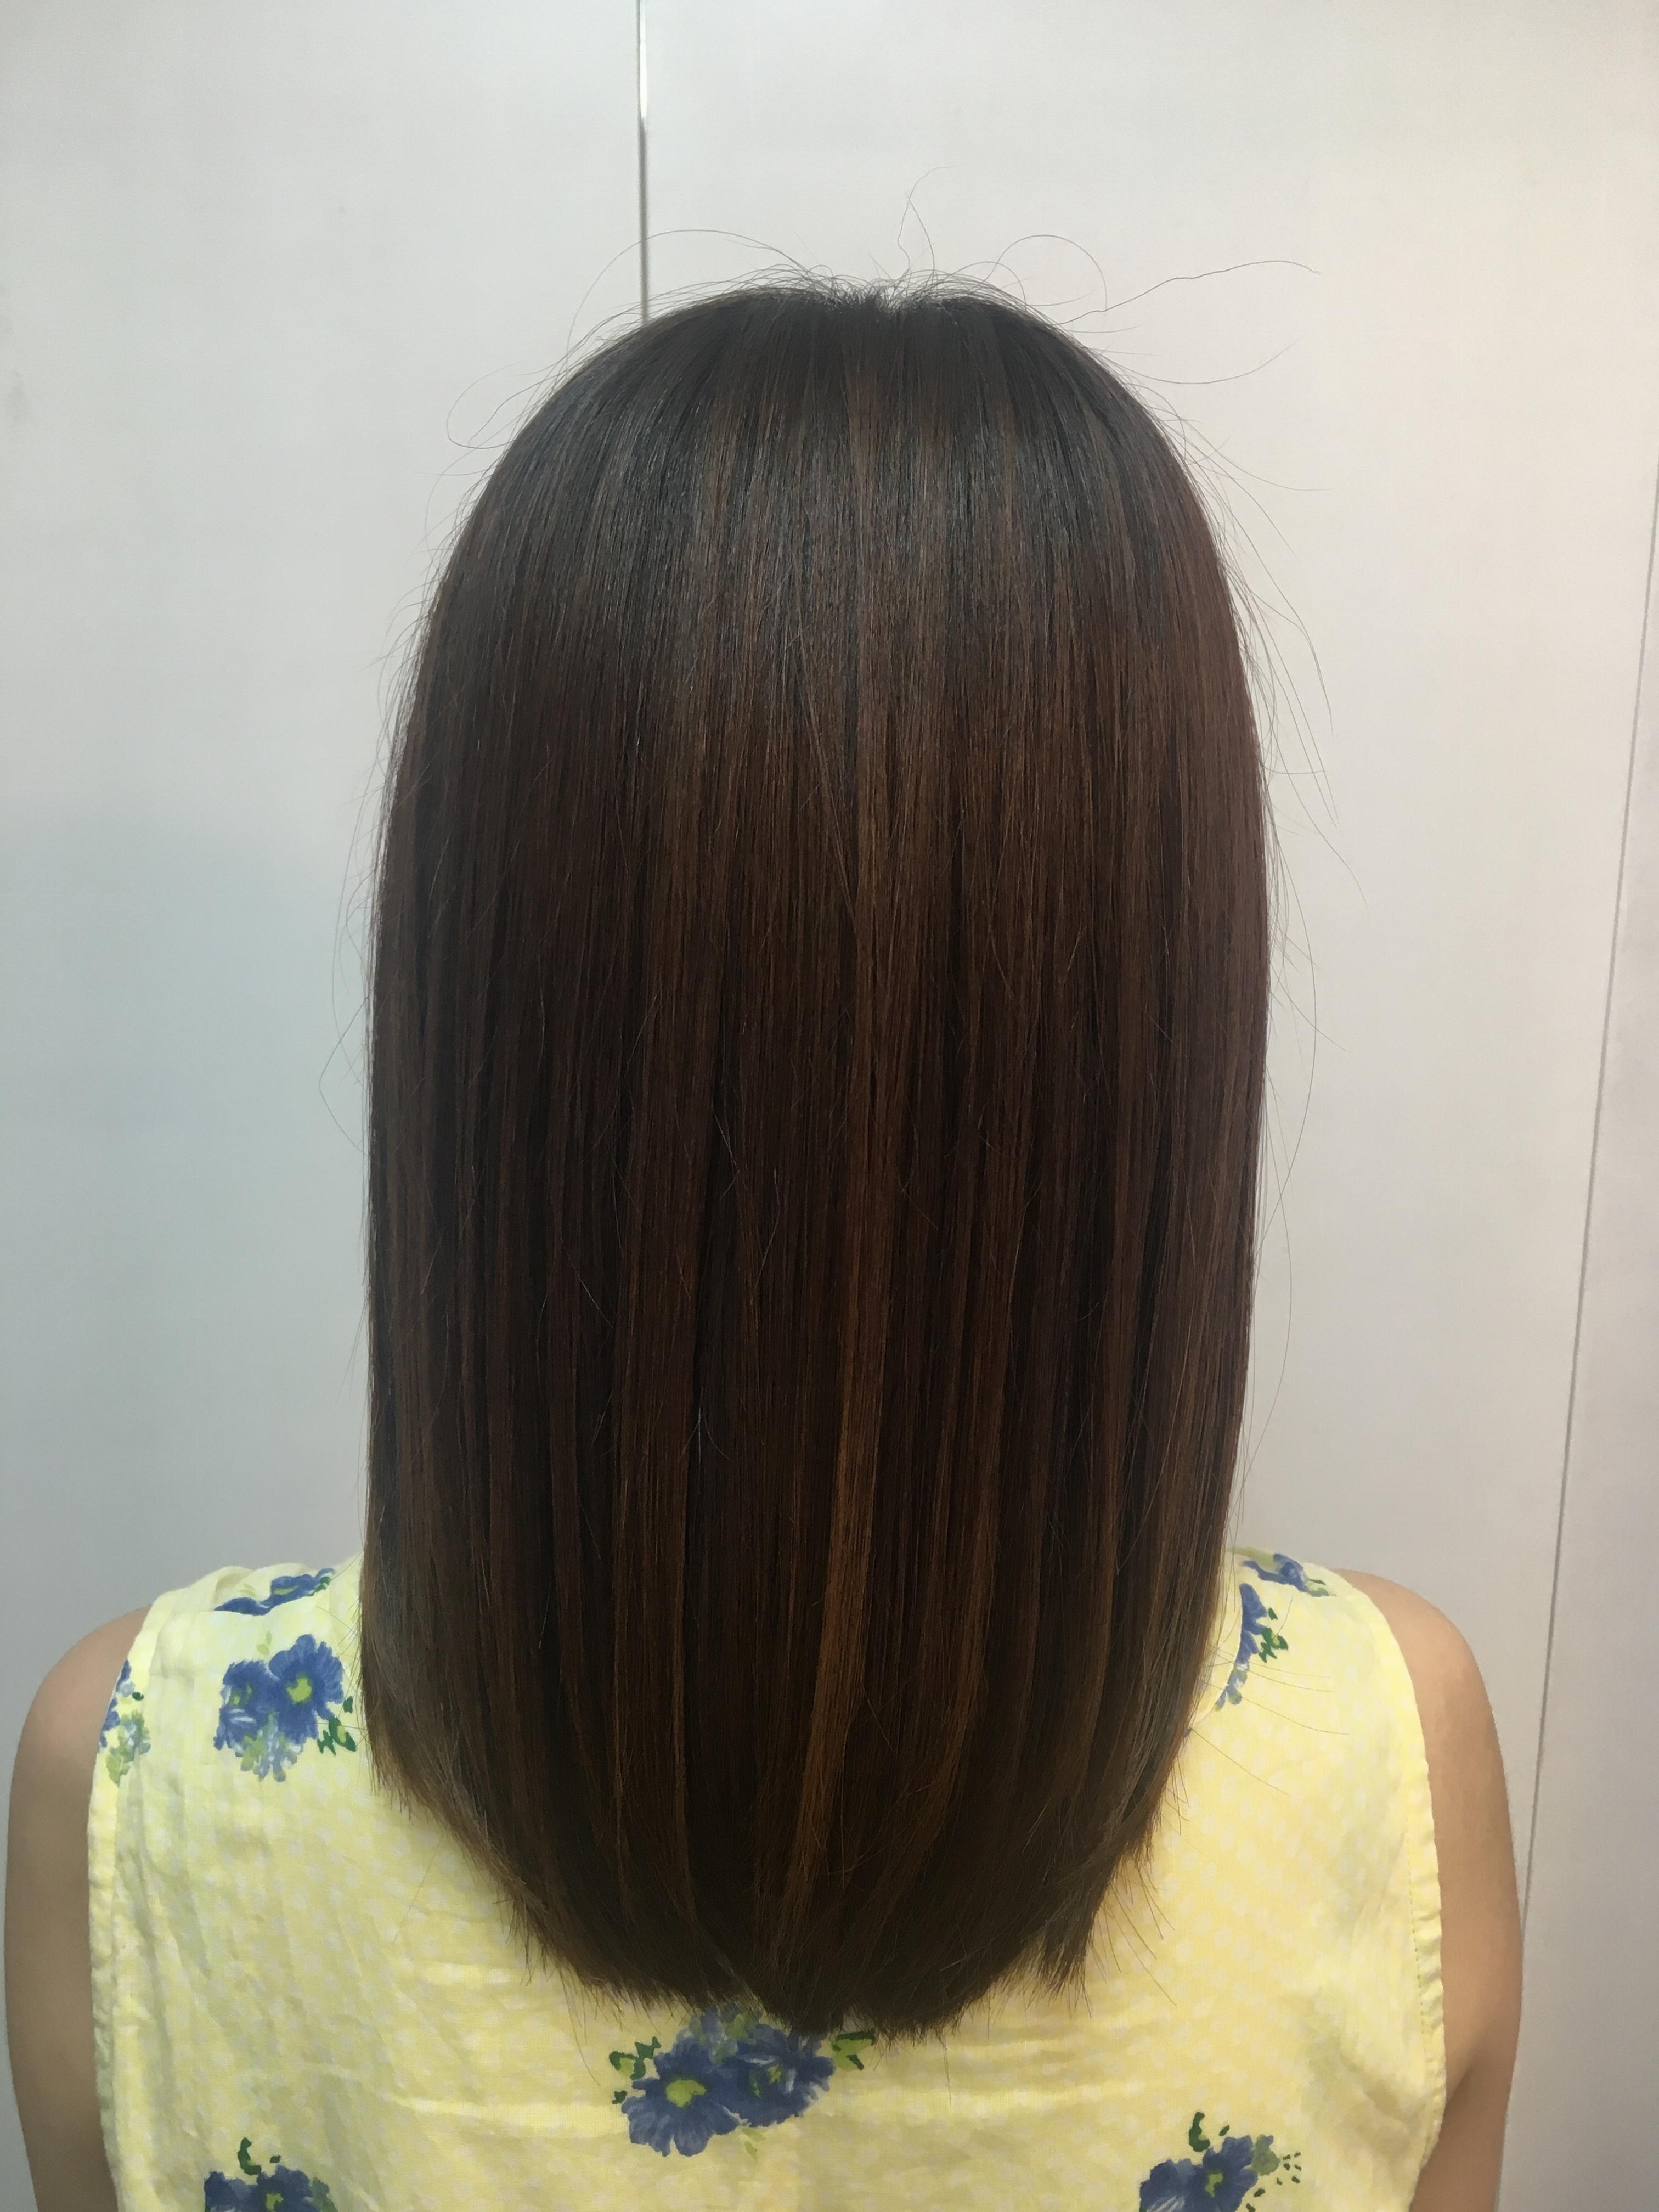 【髪の毛に魔法をかけられて】毎日触りたくなるとぅるとぅる愛されヘア〜へ大変身!_2